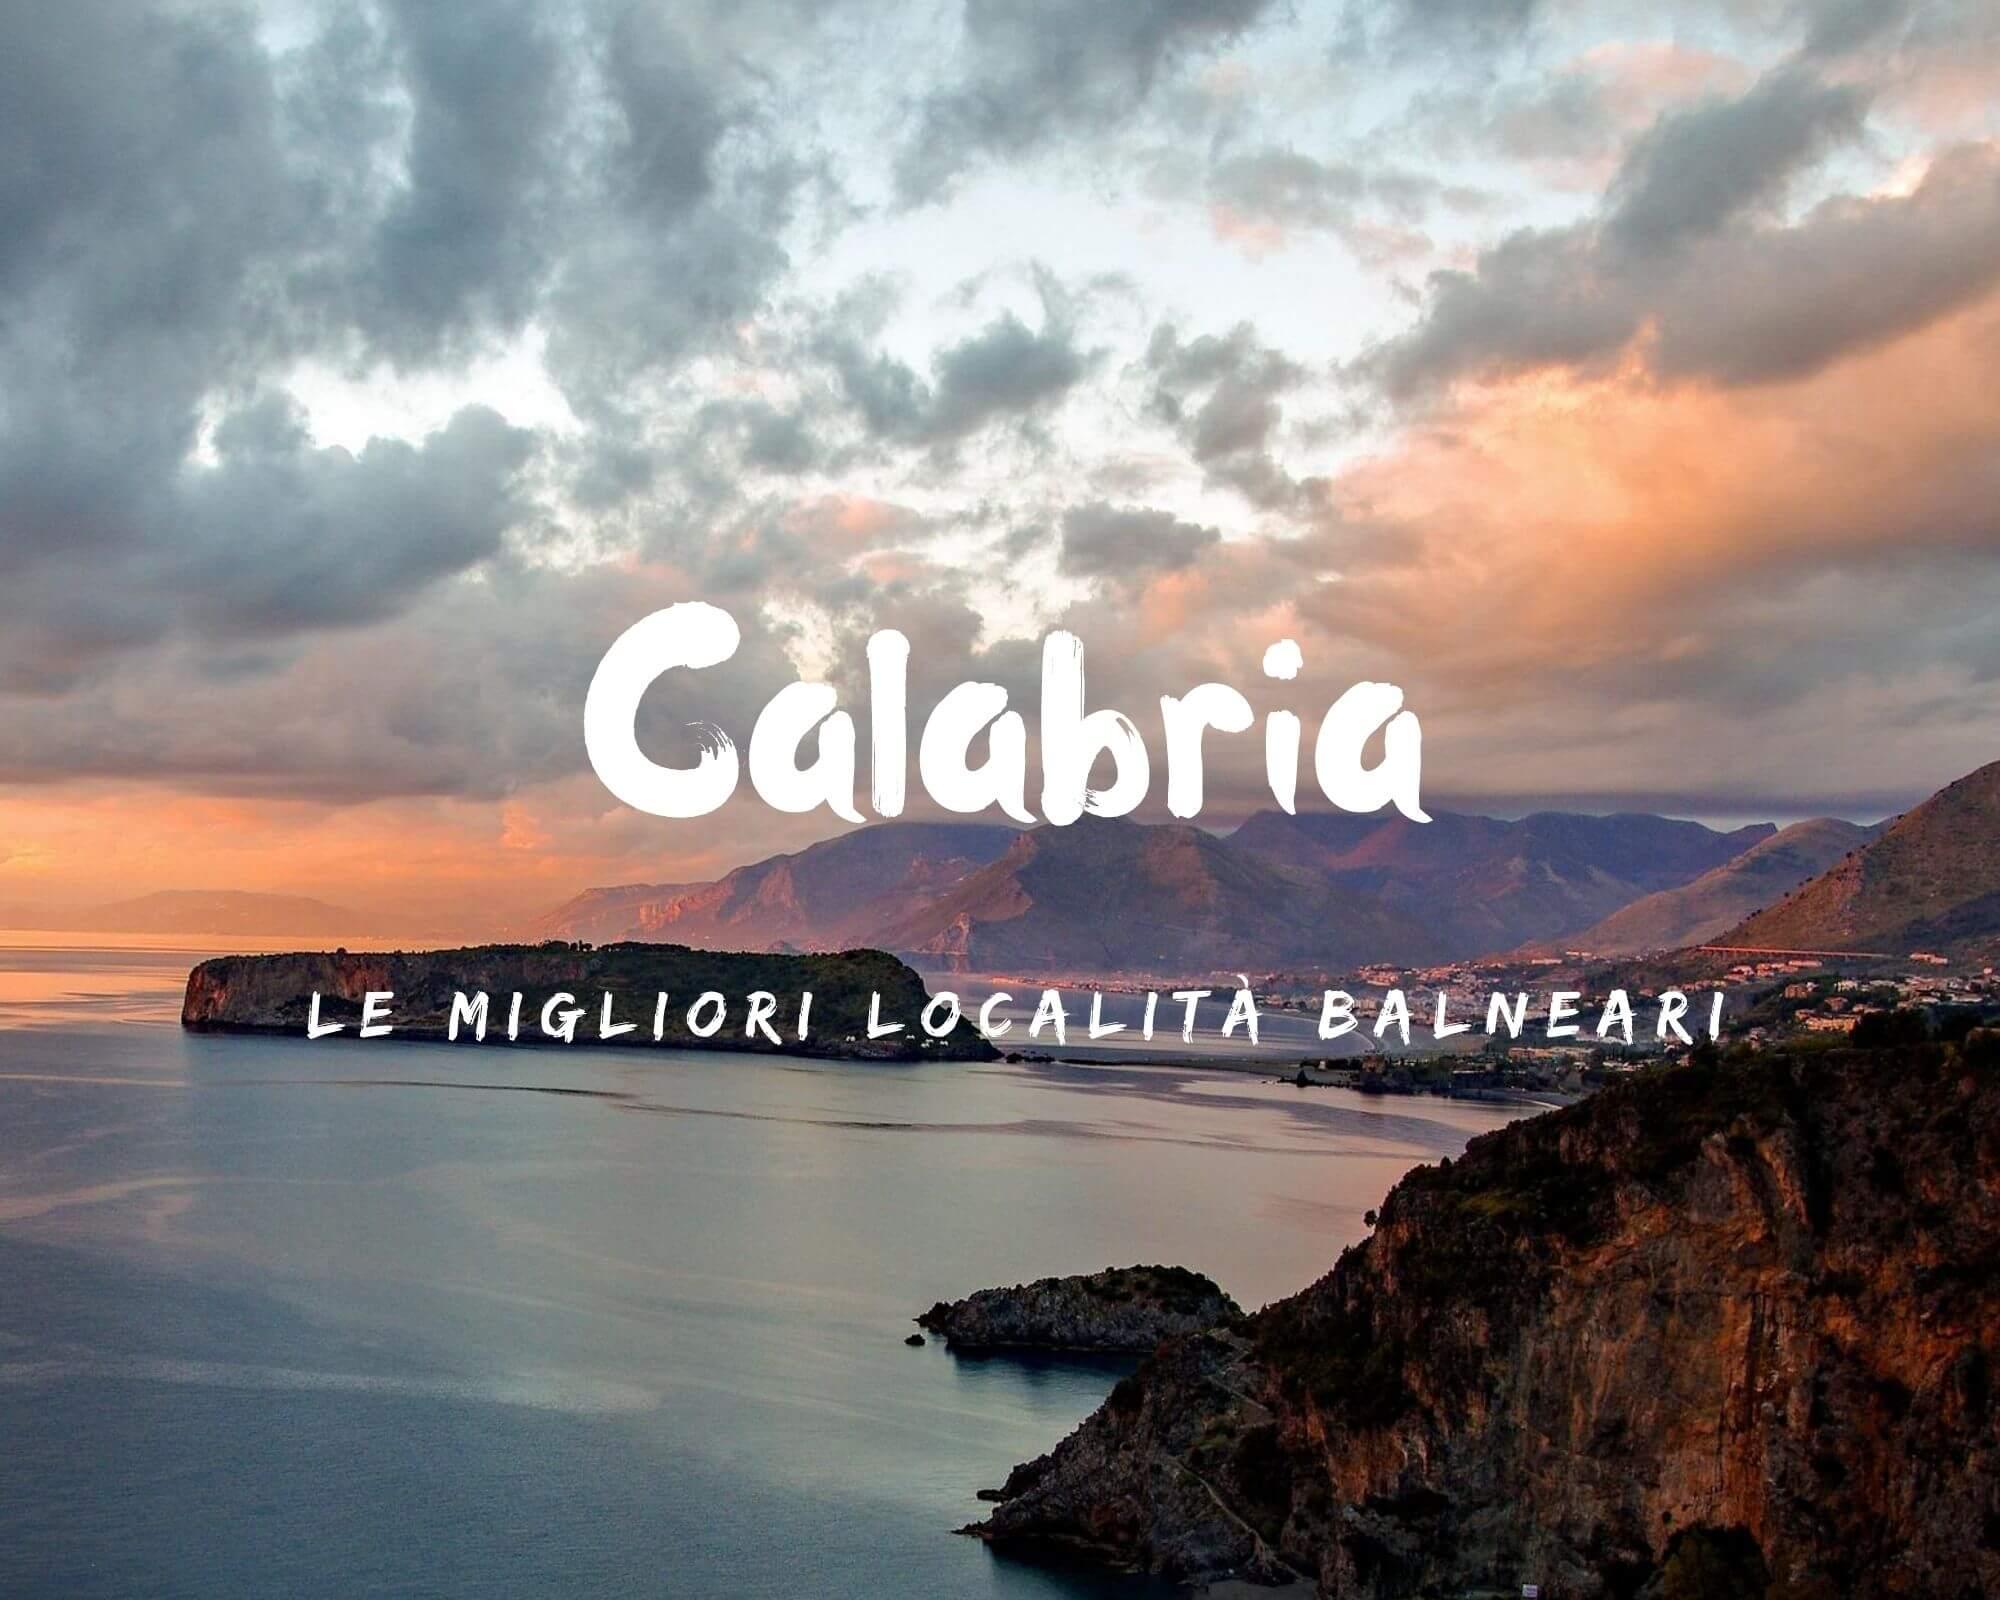 Le migliori località balneari della Calabria